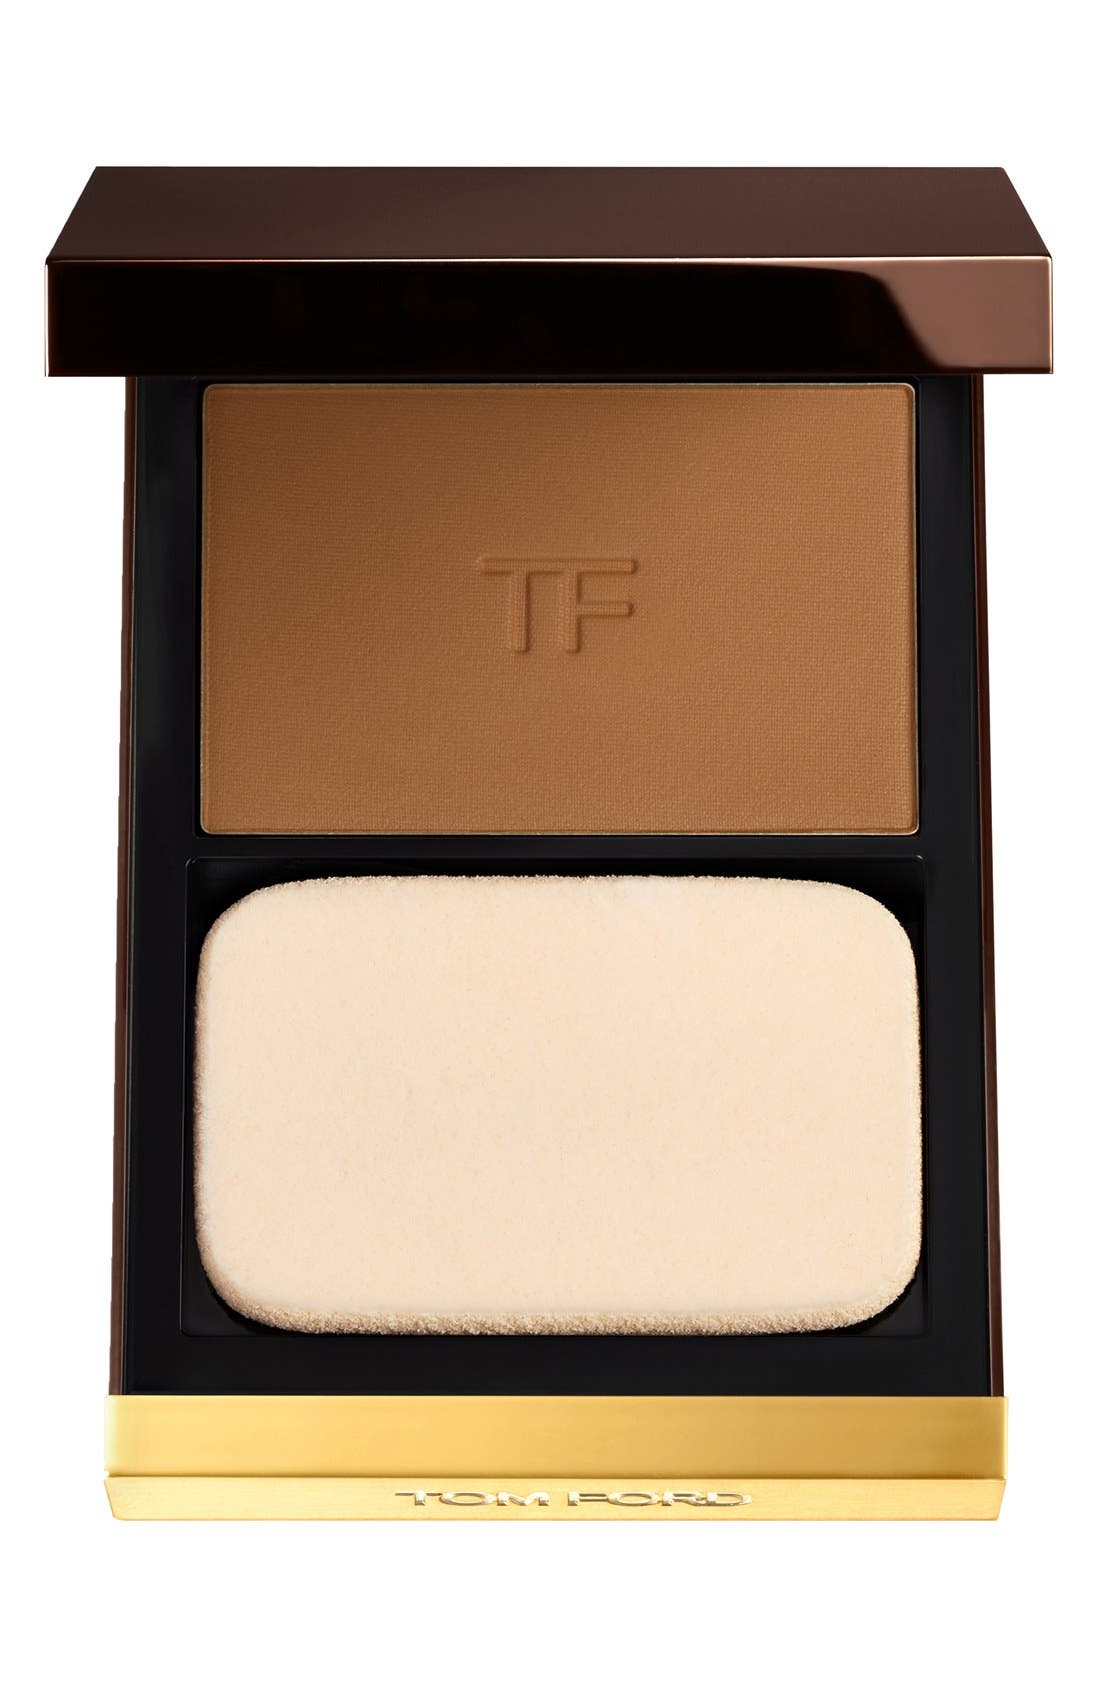 Tom Ford Flawless Powder Foundation